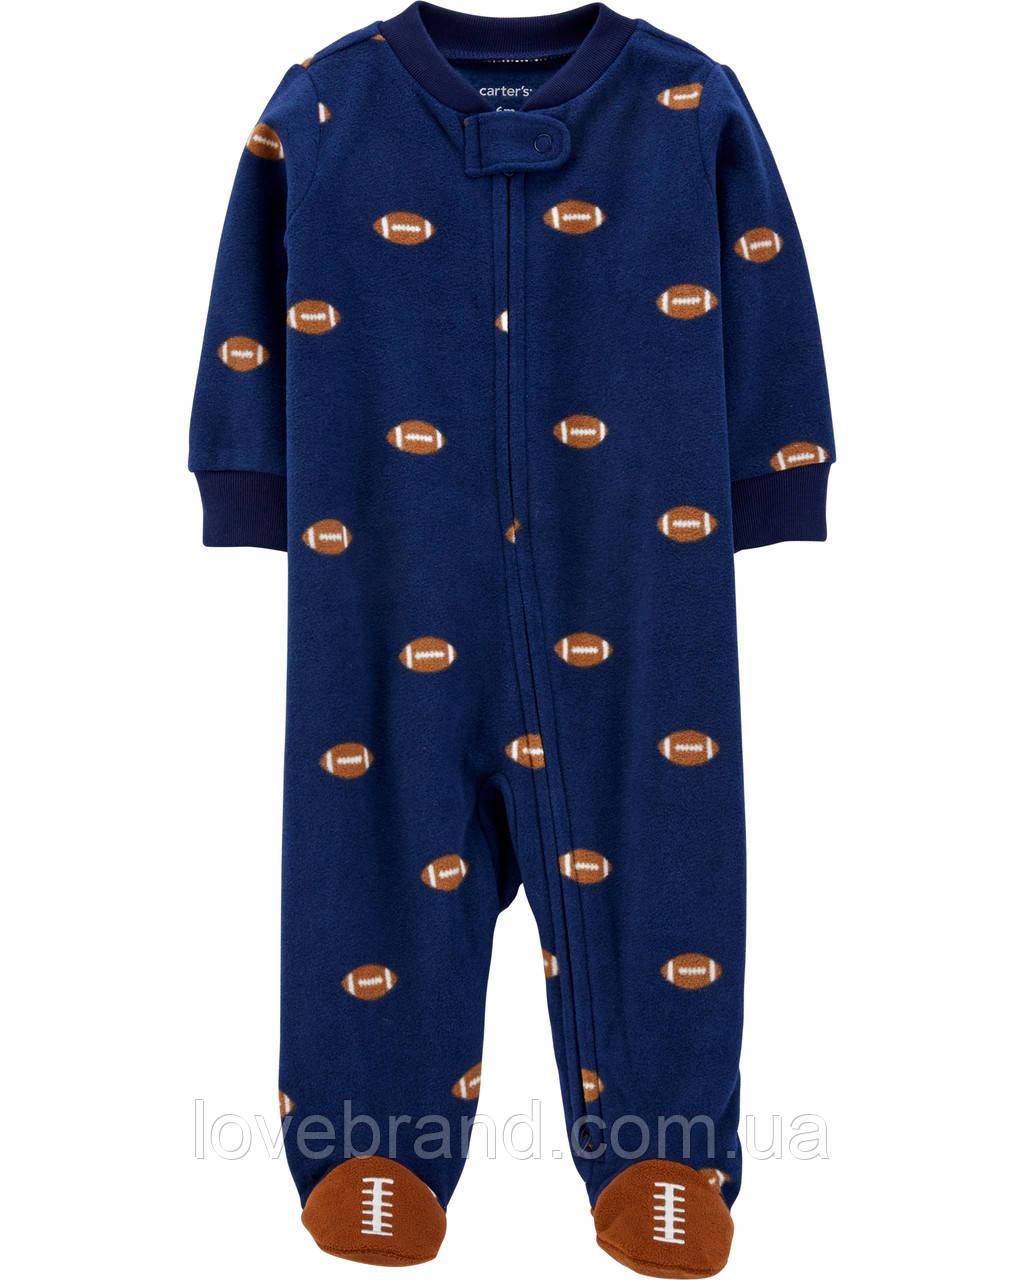 """Флисовый человечек для мальчика Carter's """"Регби"""" синий 3 мес/55-61 см"""